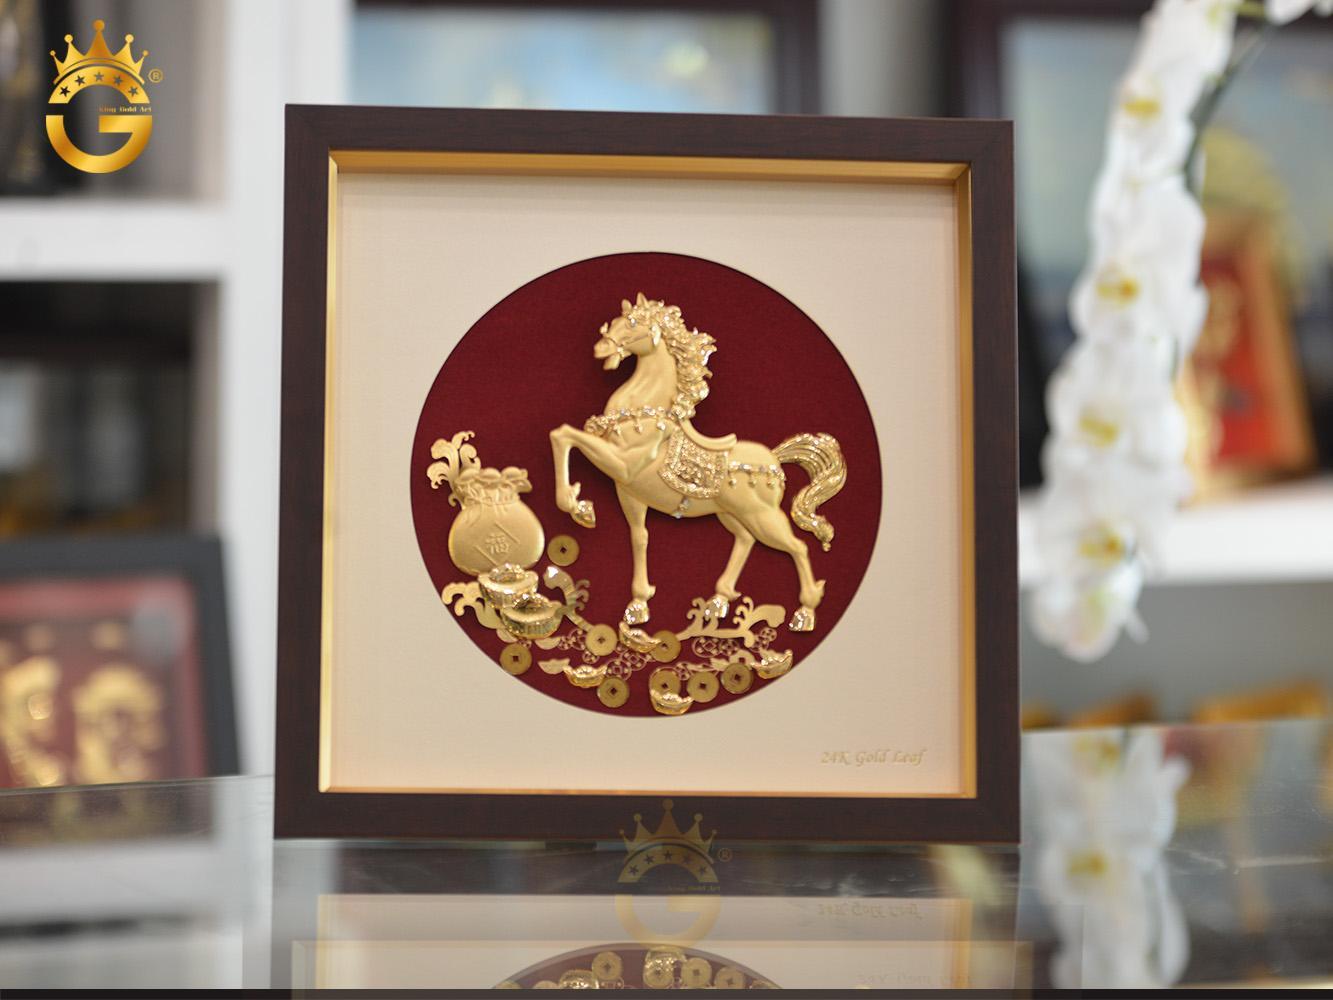 Quà tặng tranh ngựa tài lộc mạ vàng, tranh ngựa mã đáo thành công